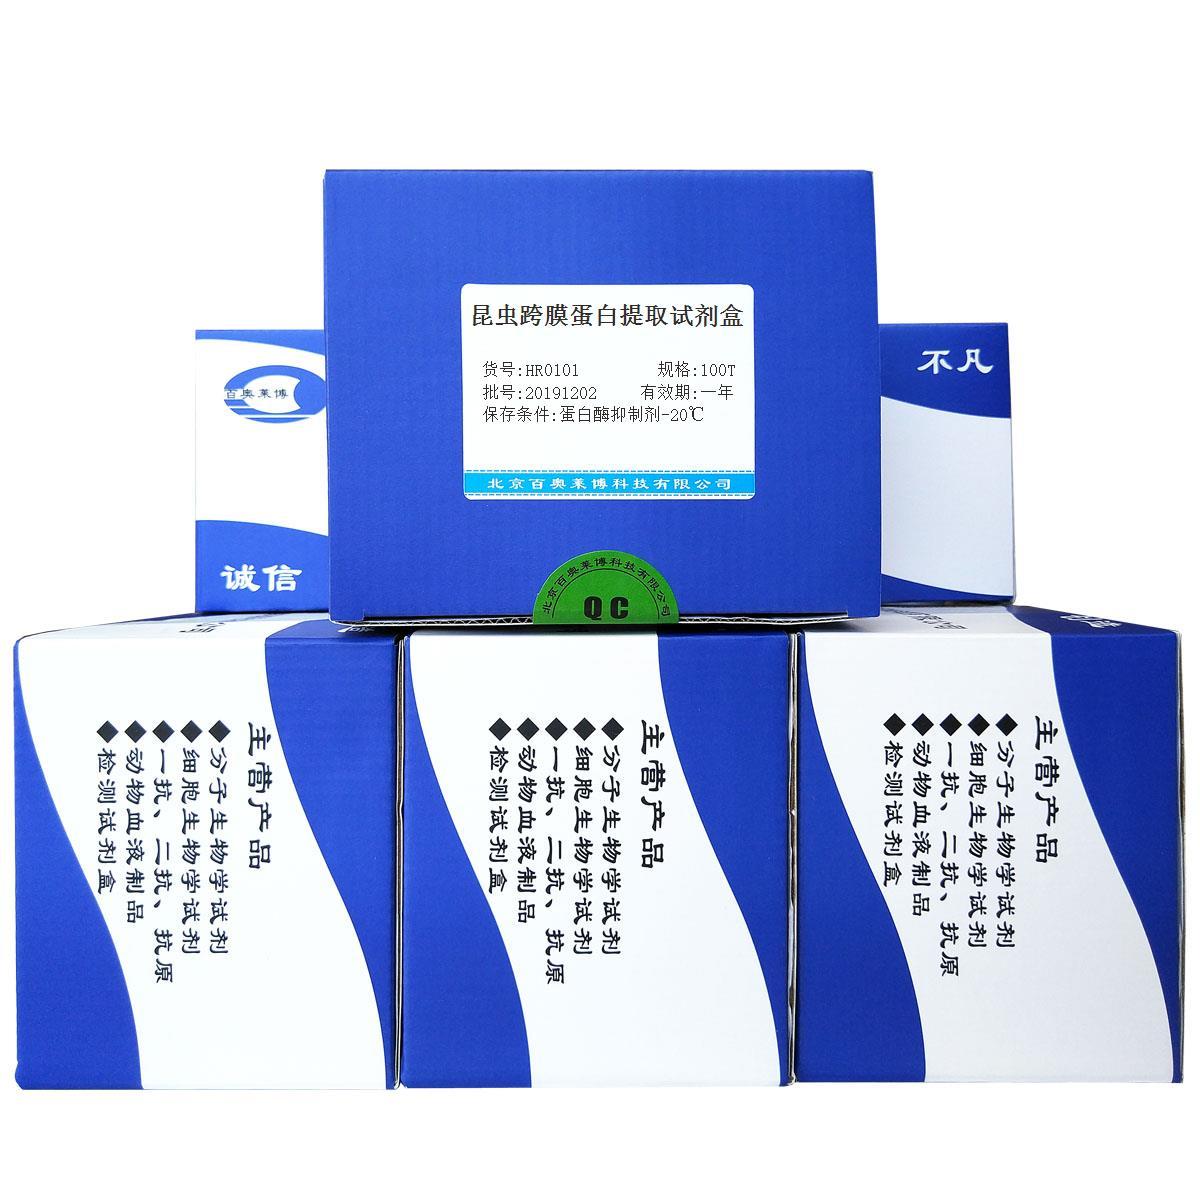 昆虫跨膜蛋白提取试剂盒北京厂家